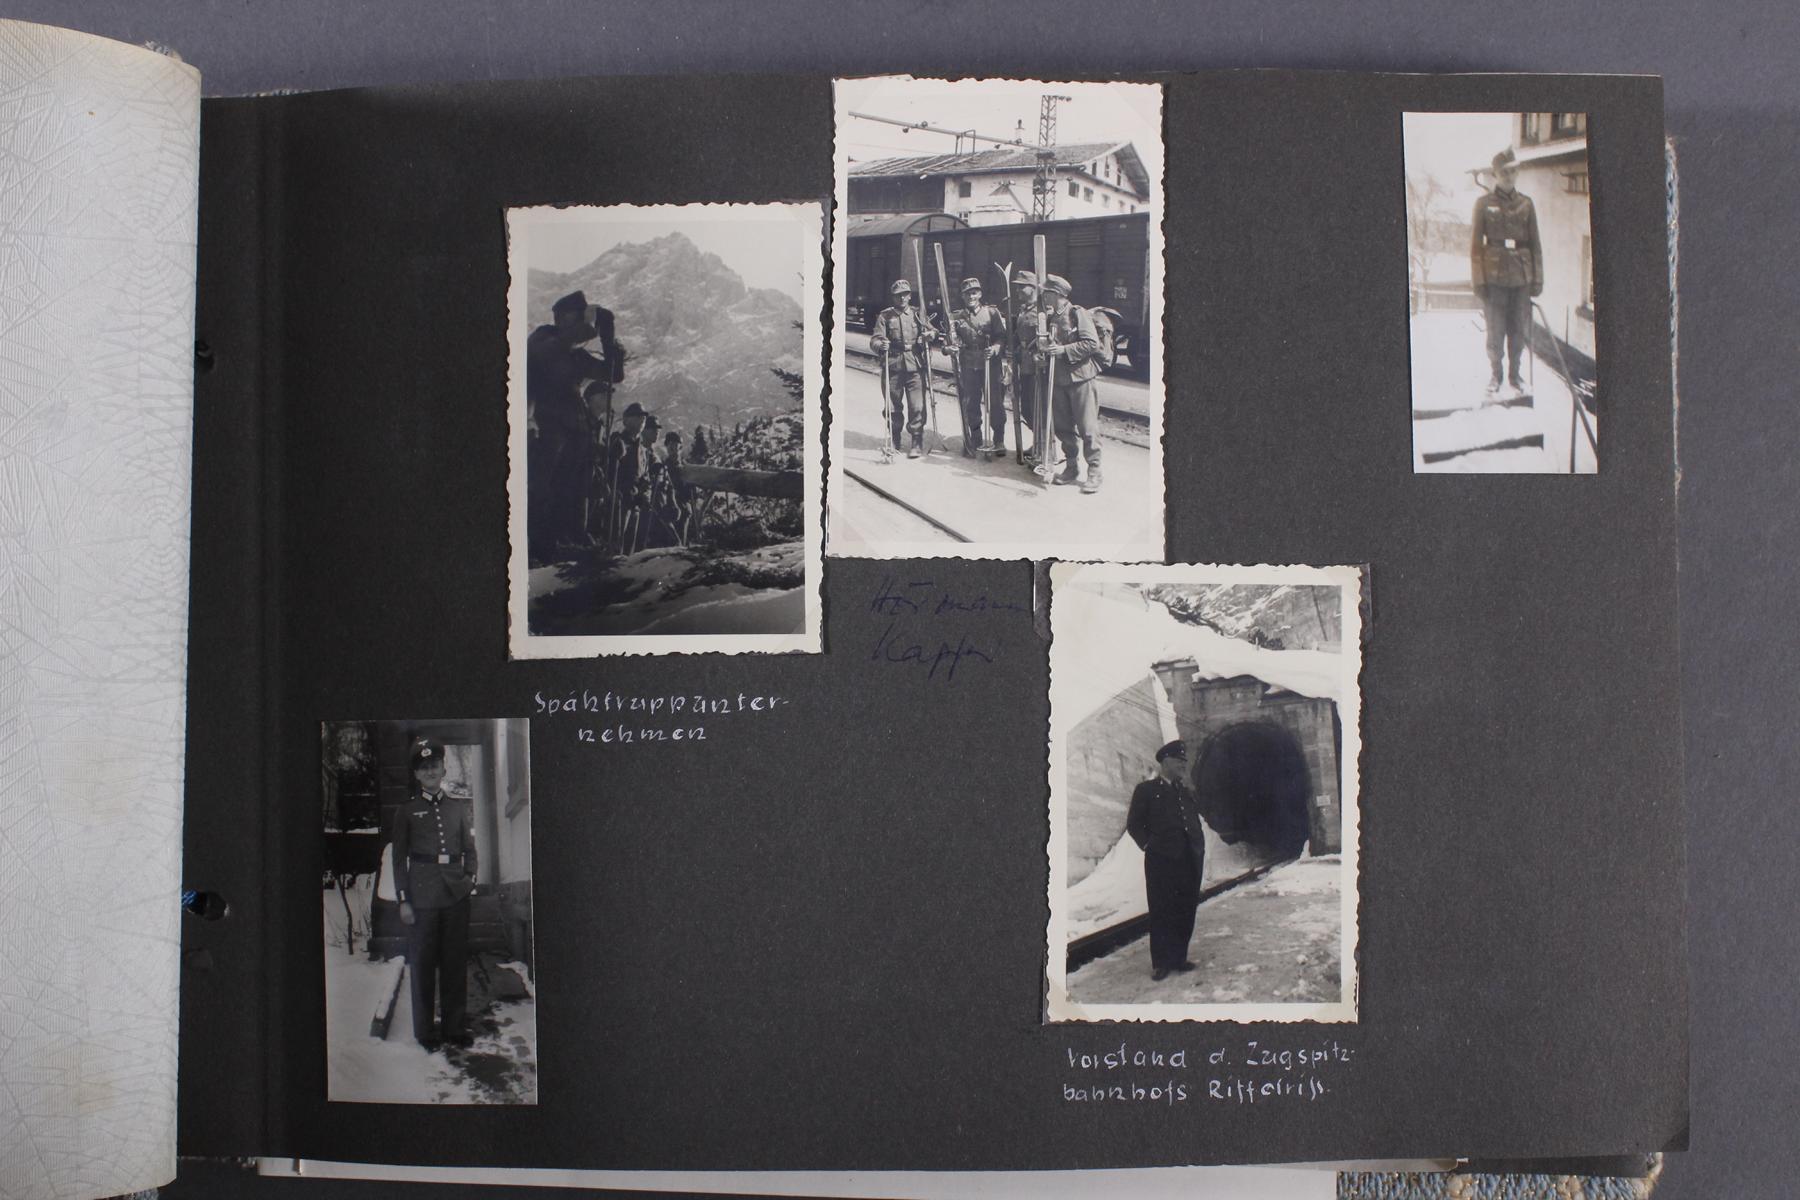 2. WK. Privates Fotoalbum eines Soldaten der 1. Gebirgsdivision-5